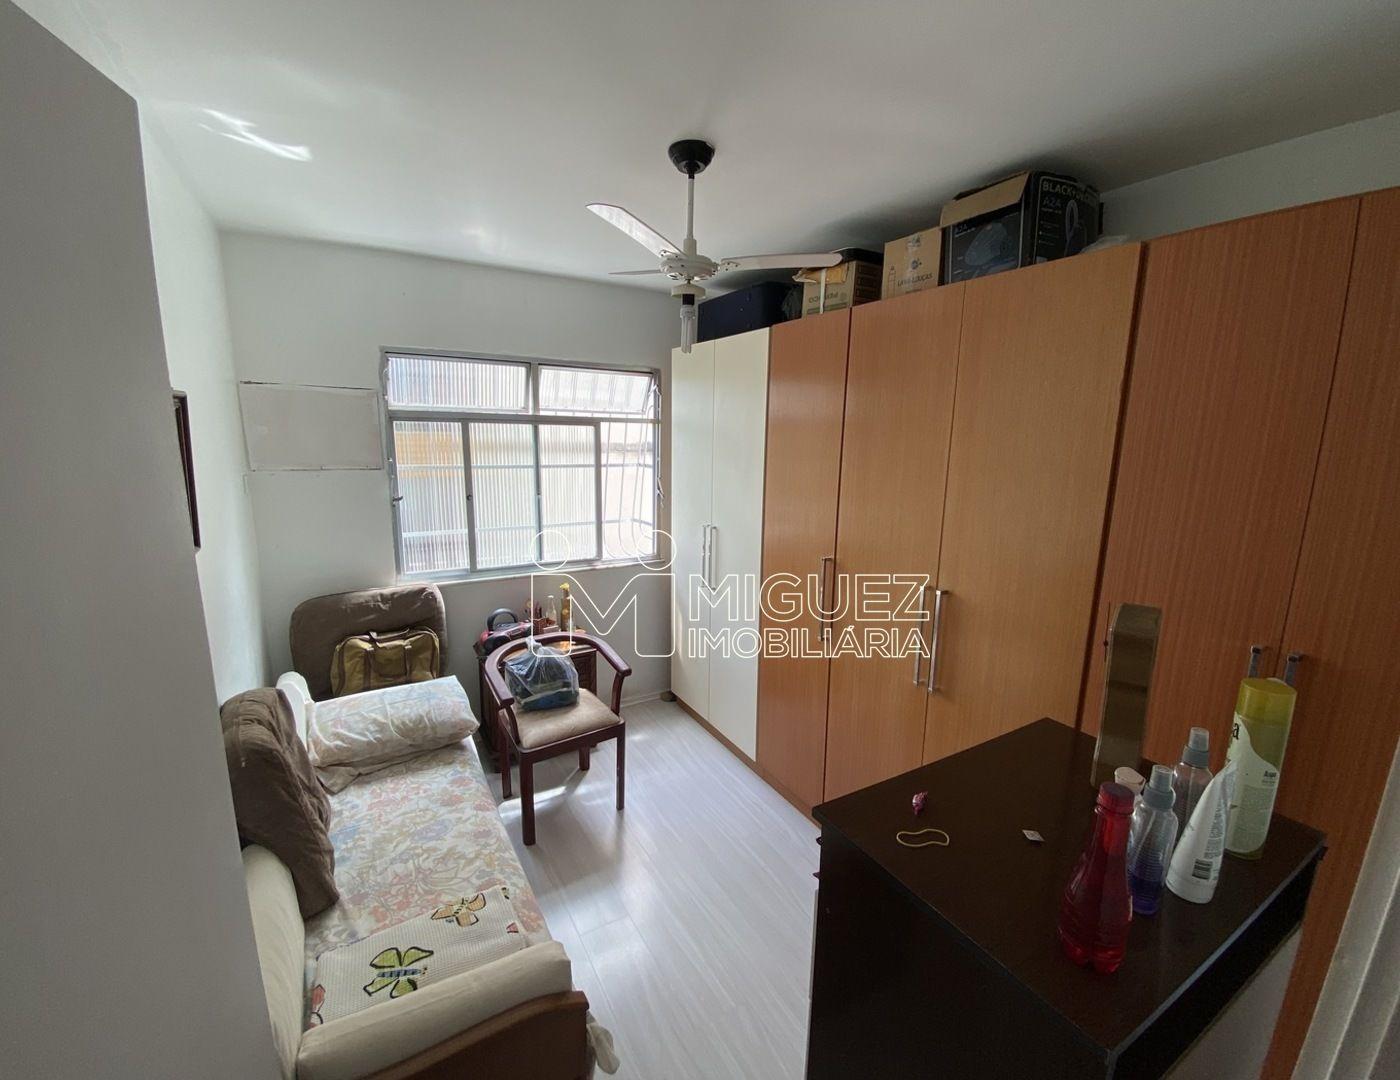 Apartamento, venda, Rua Joaquim Meier - Méier , Rio de janeiro